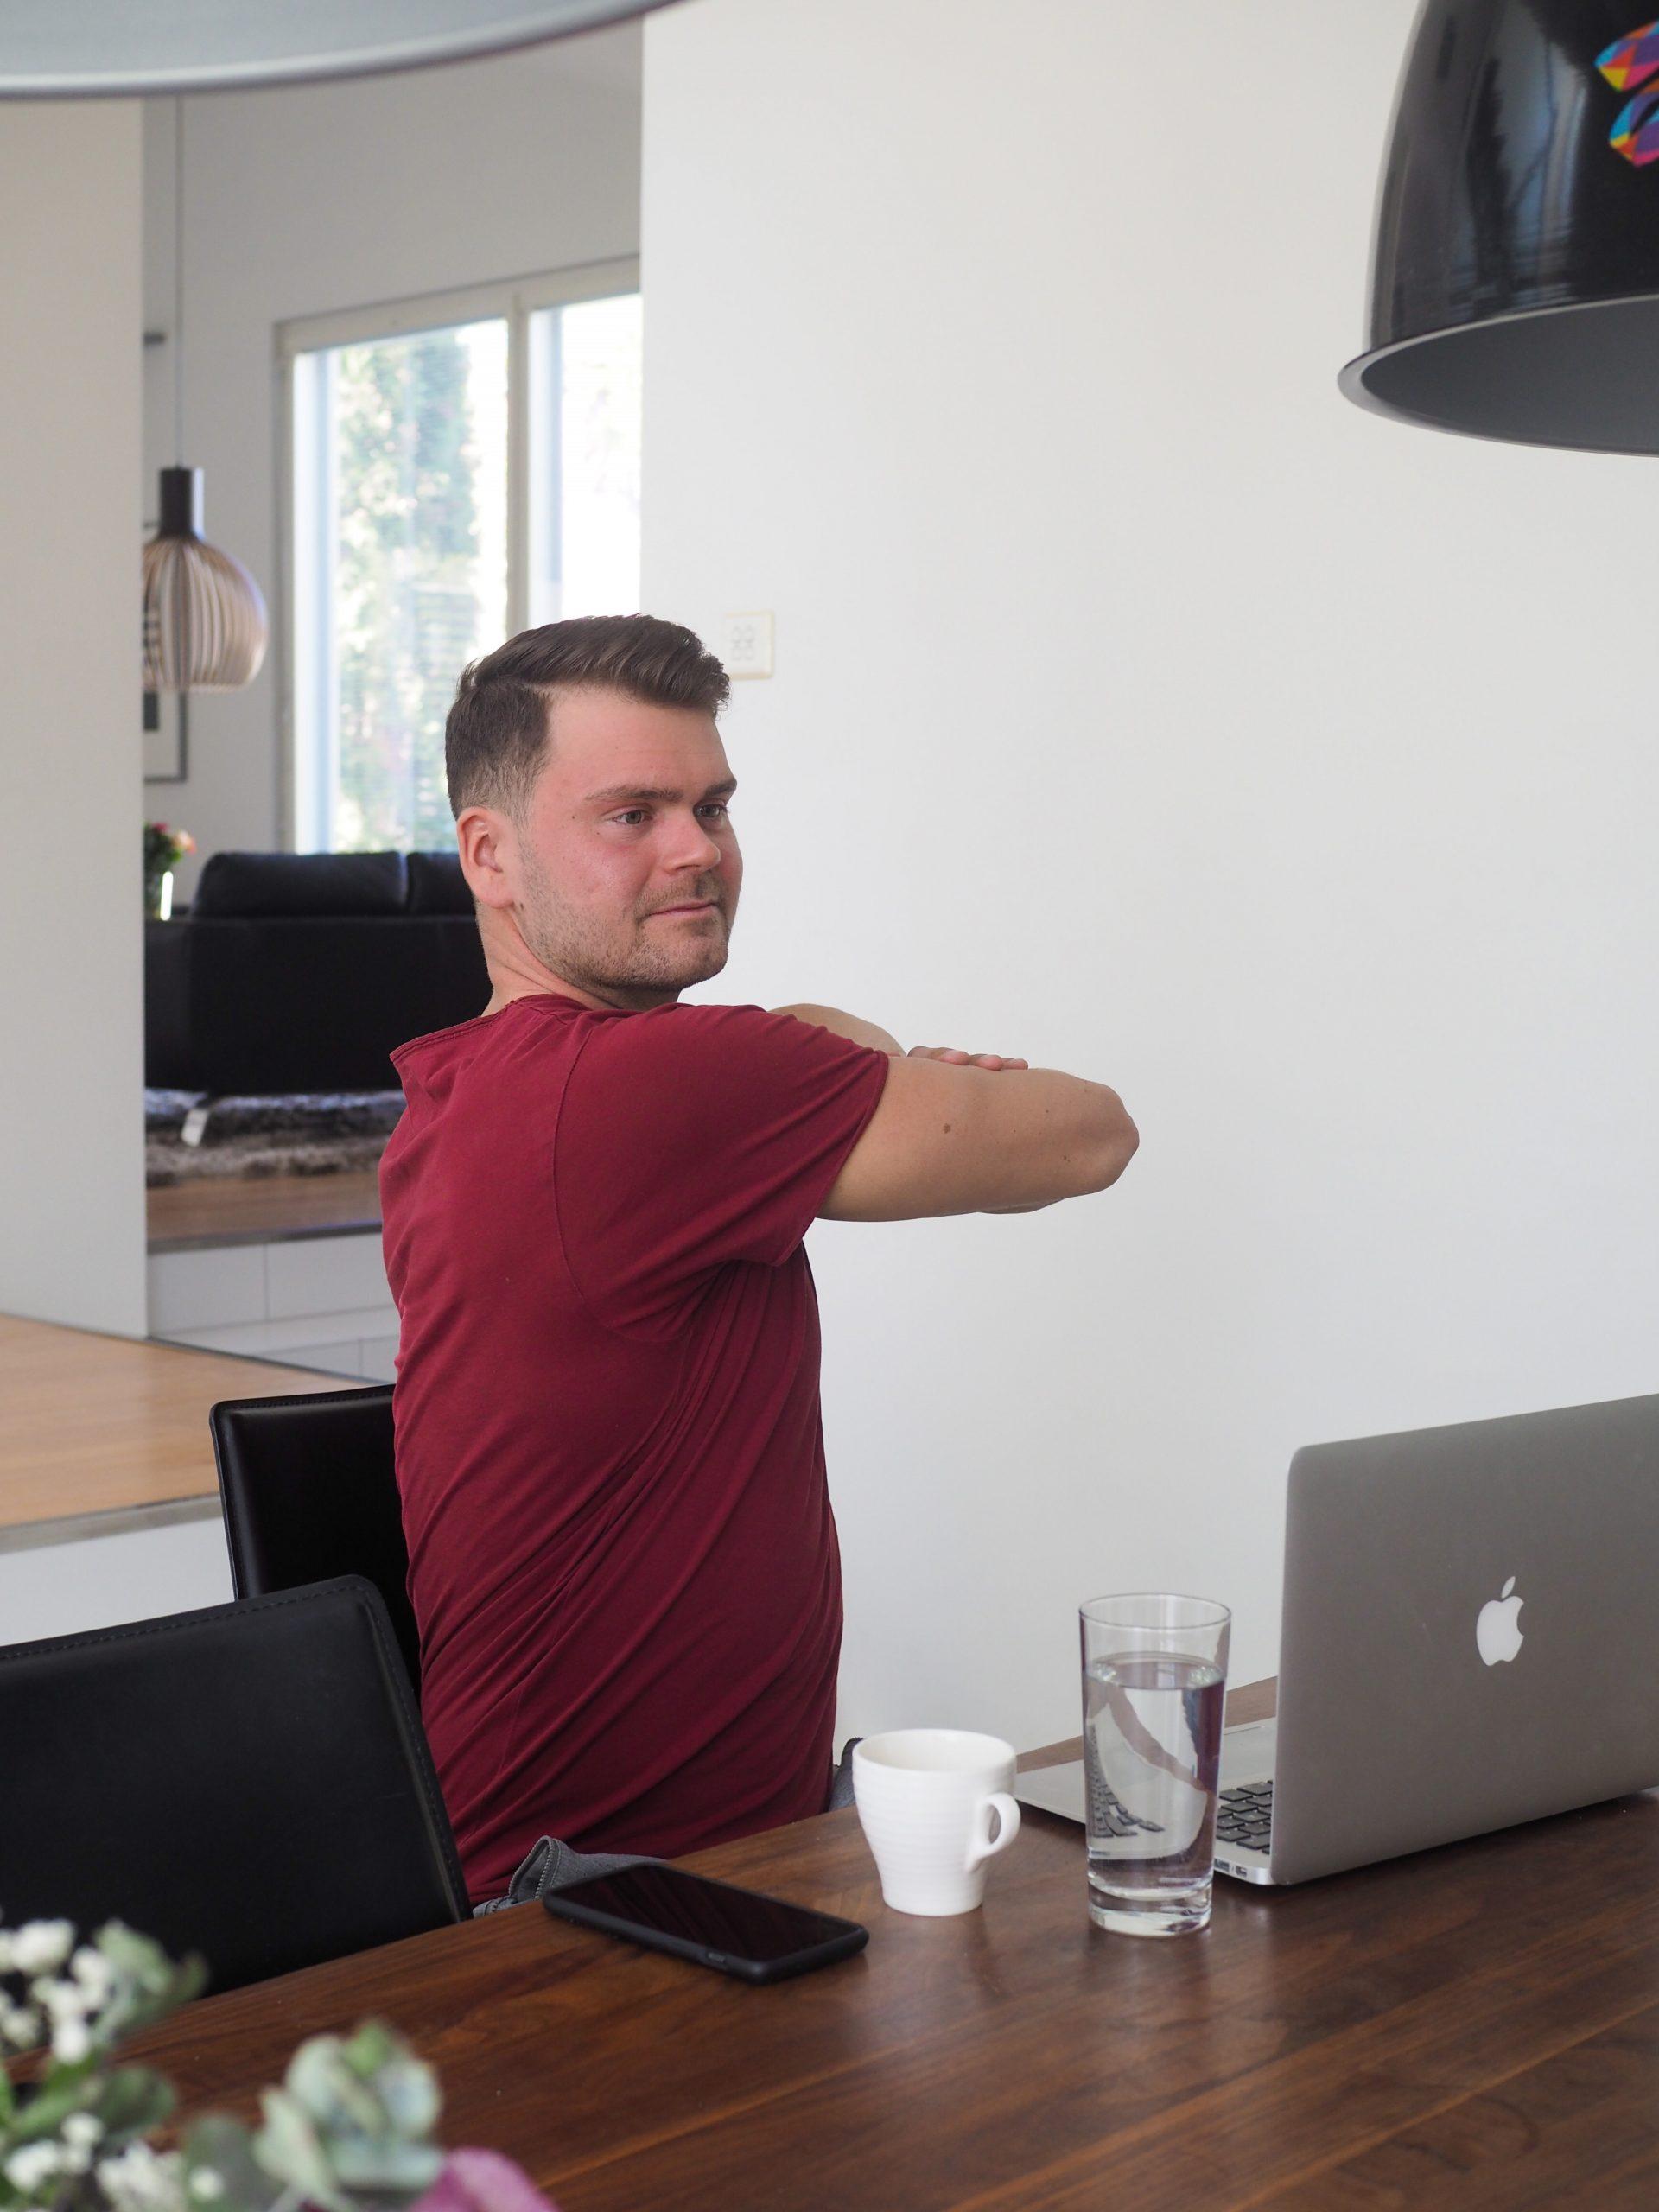 Mies punaisessa paidassa taukojumppaa, vartalon kierto istuen